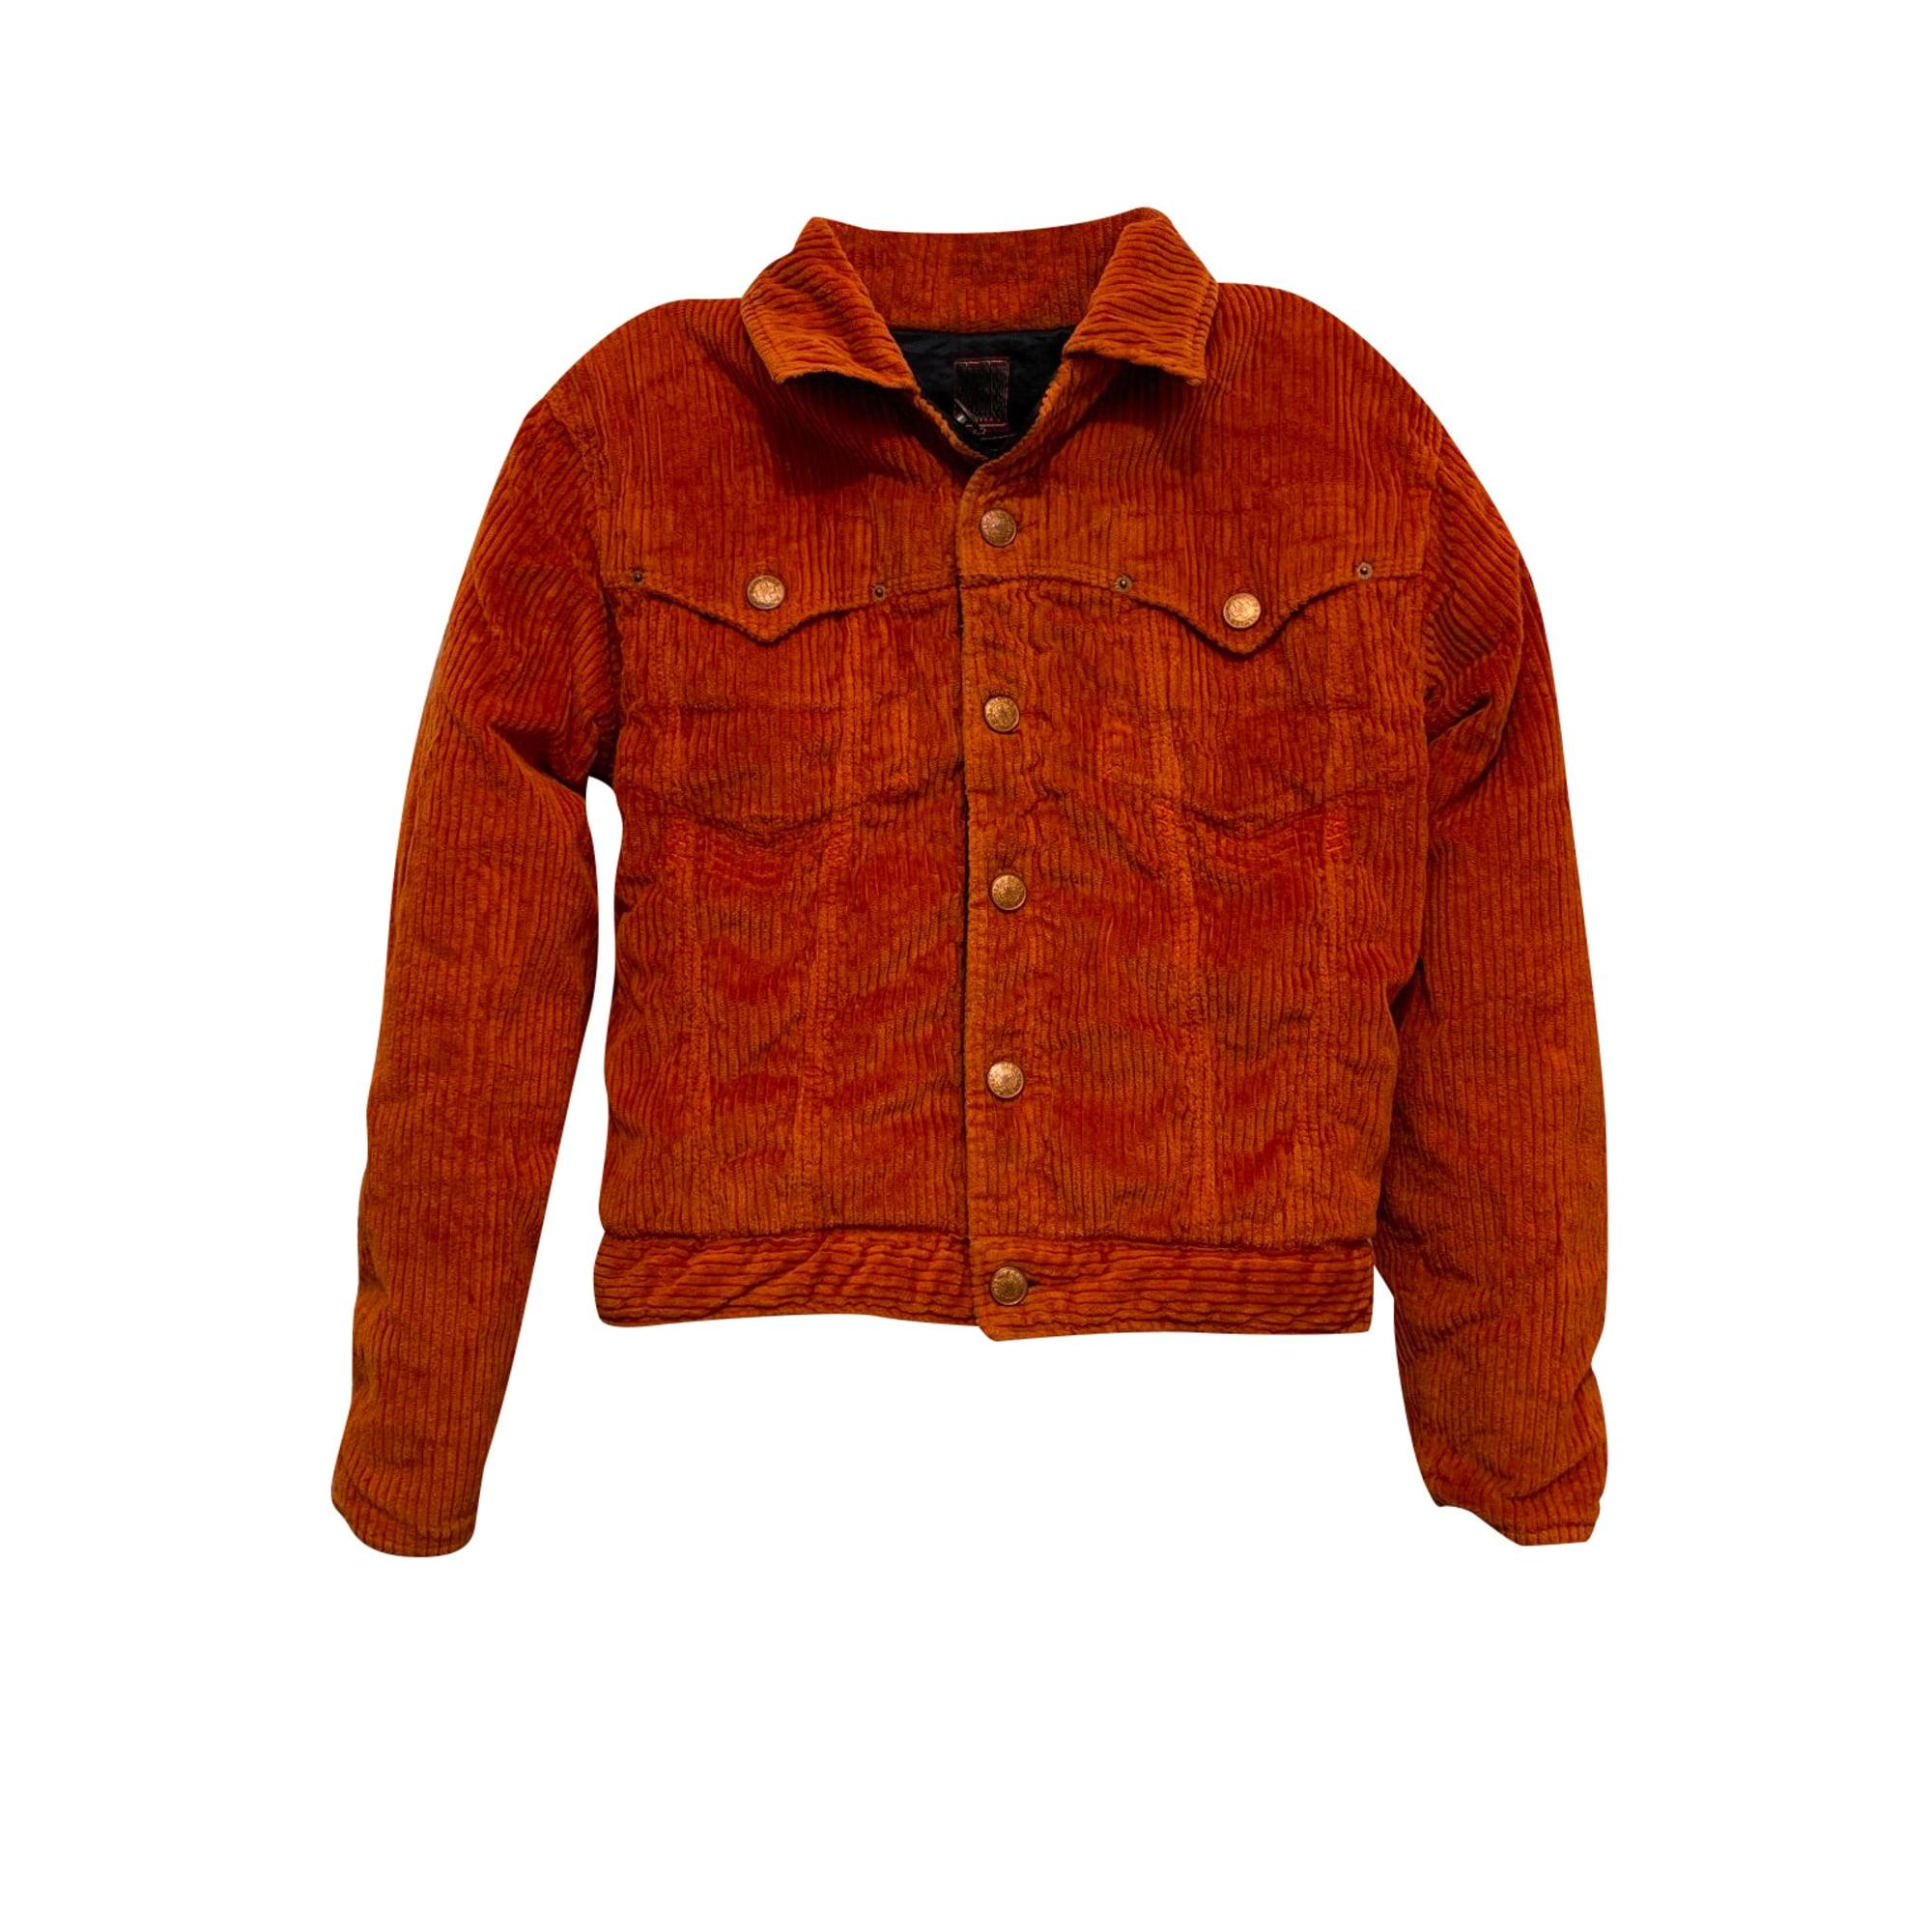 Blouson JEAN PAUL GAULTIER Orange